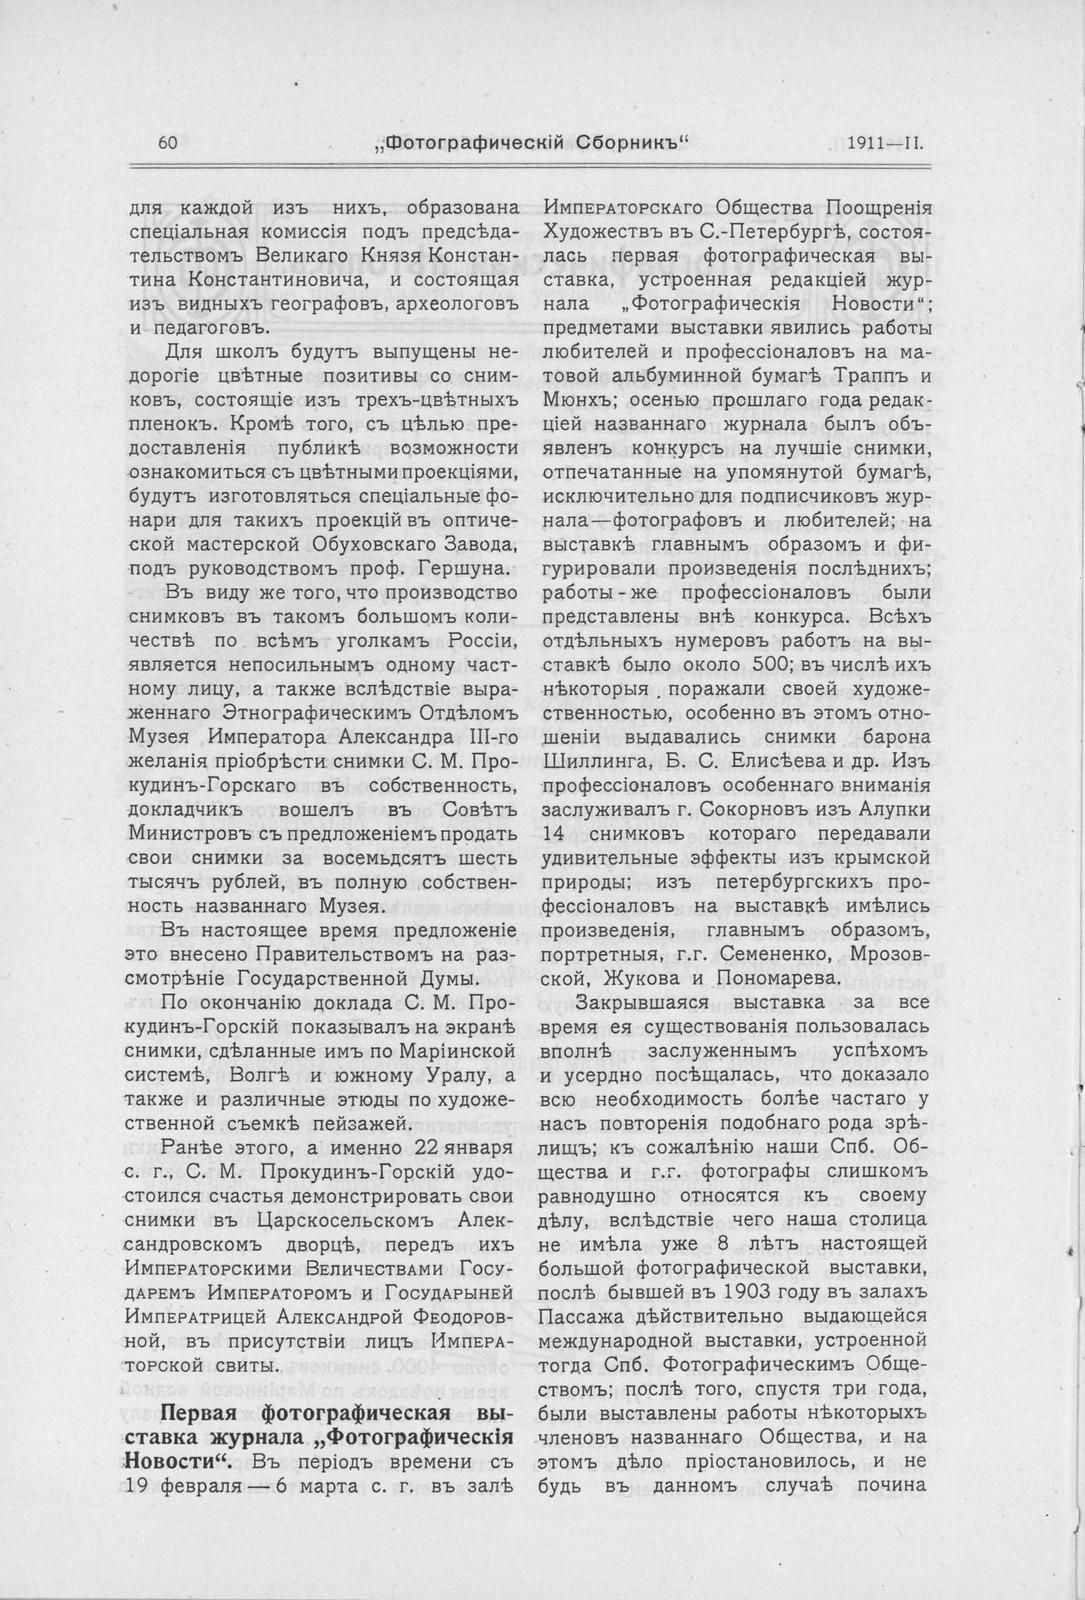 1911. № 2. Фотографический вестник. Журн. практ. светописи для фотографов и любителей_Страница_32